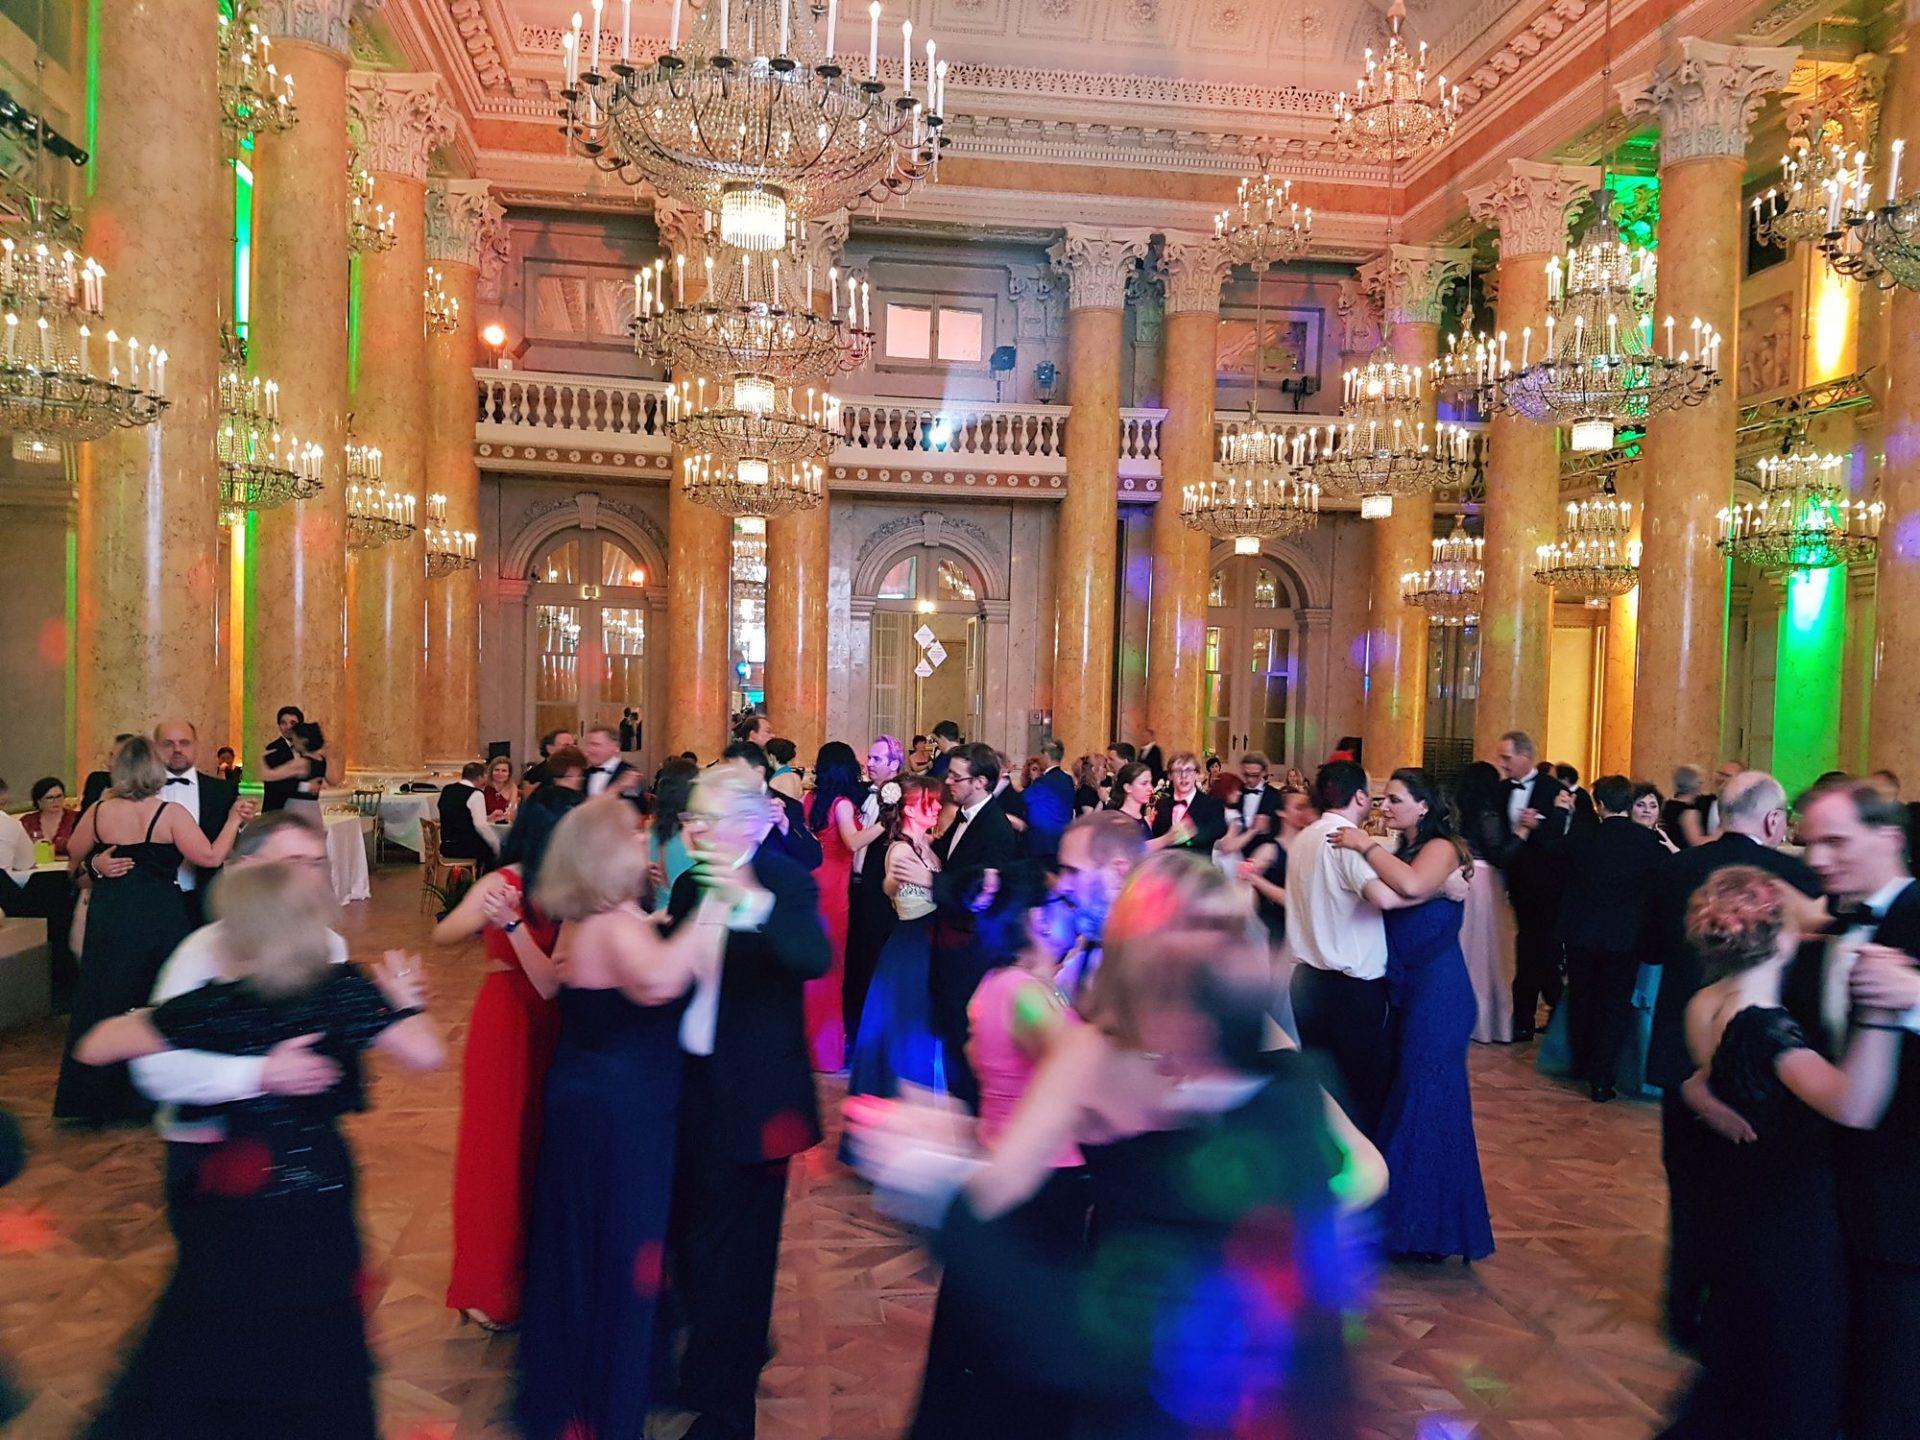 Tanzende Ballgäste beim Dancer Against Cancer im Zeremoniensaal der Hofburg